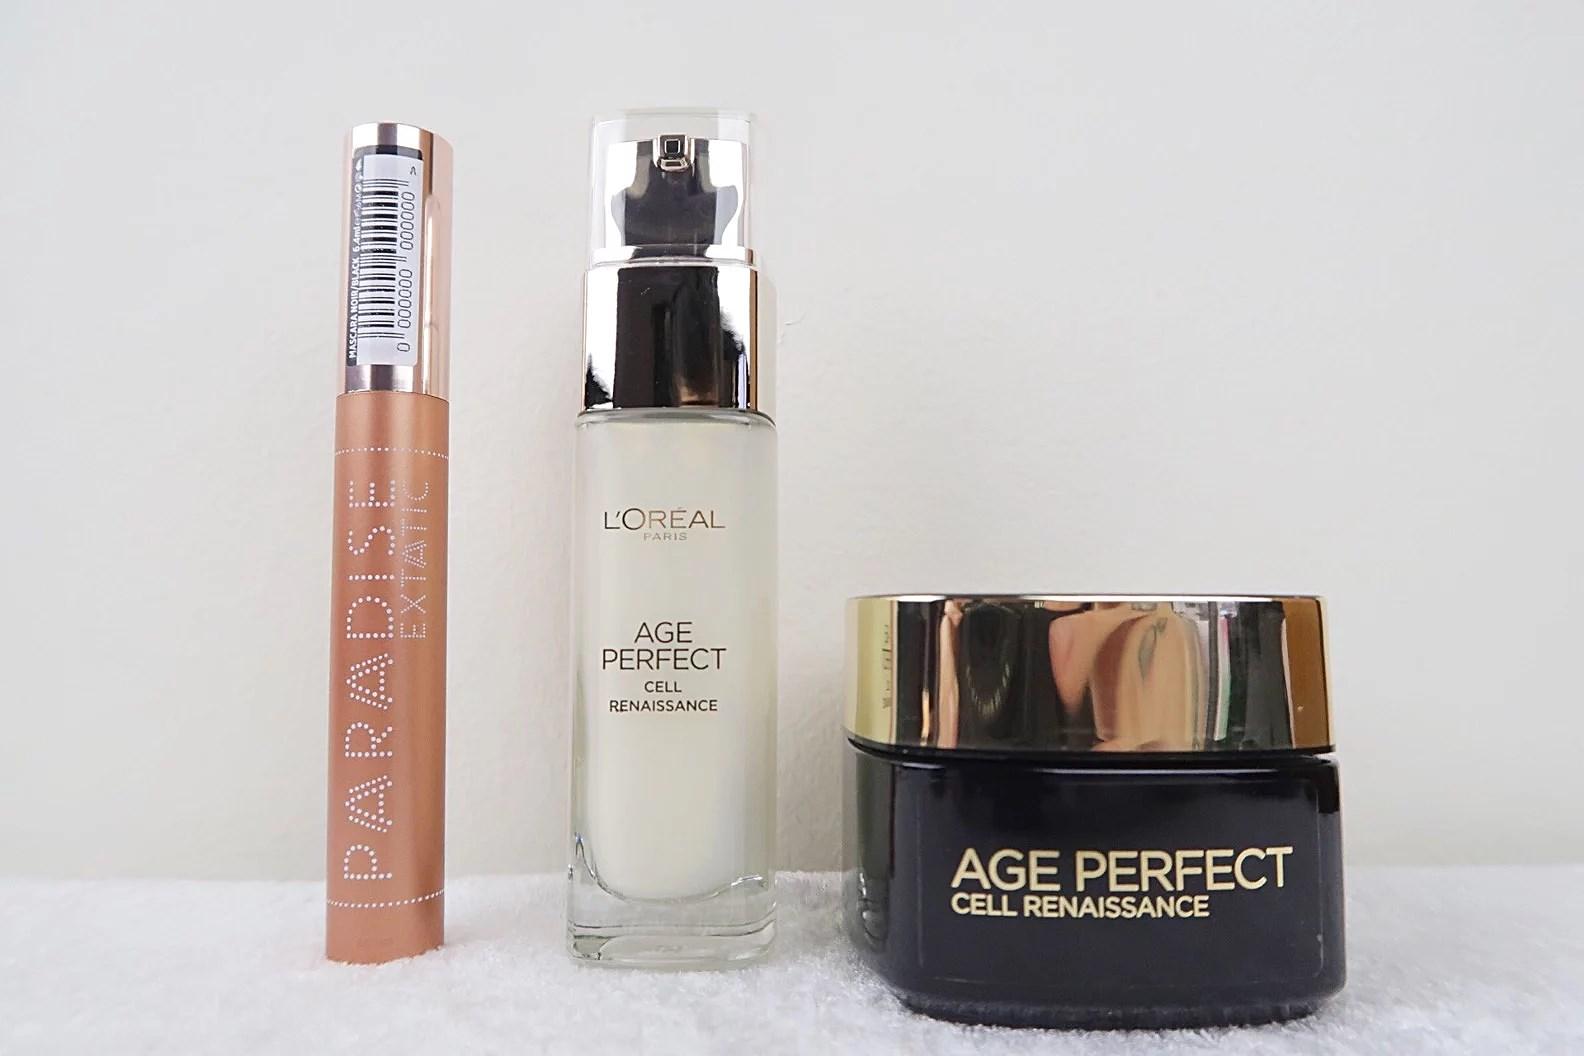 Nya produkter från Lóreal!